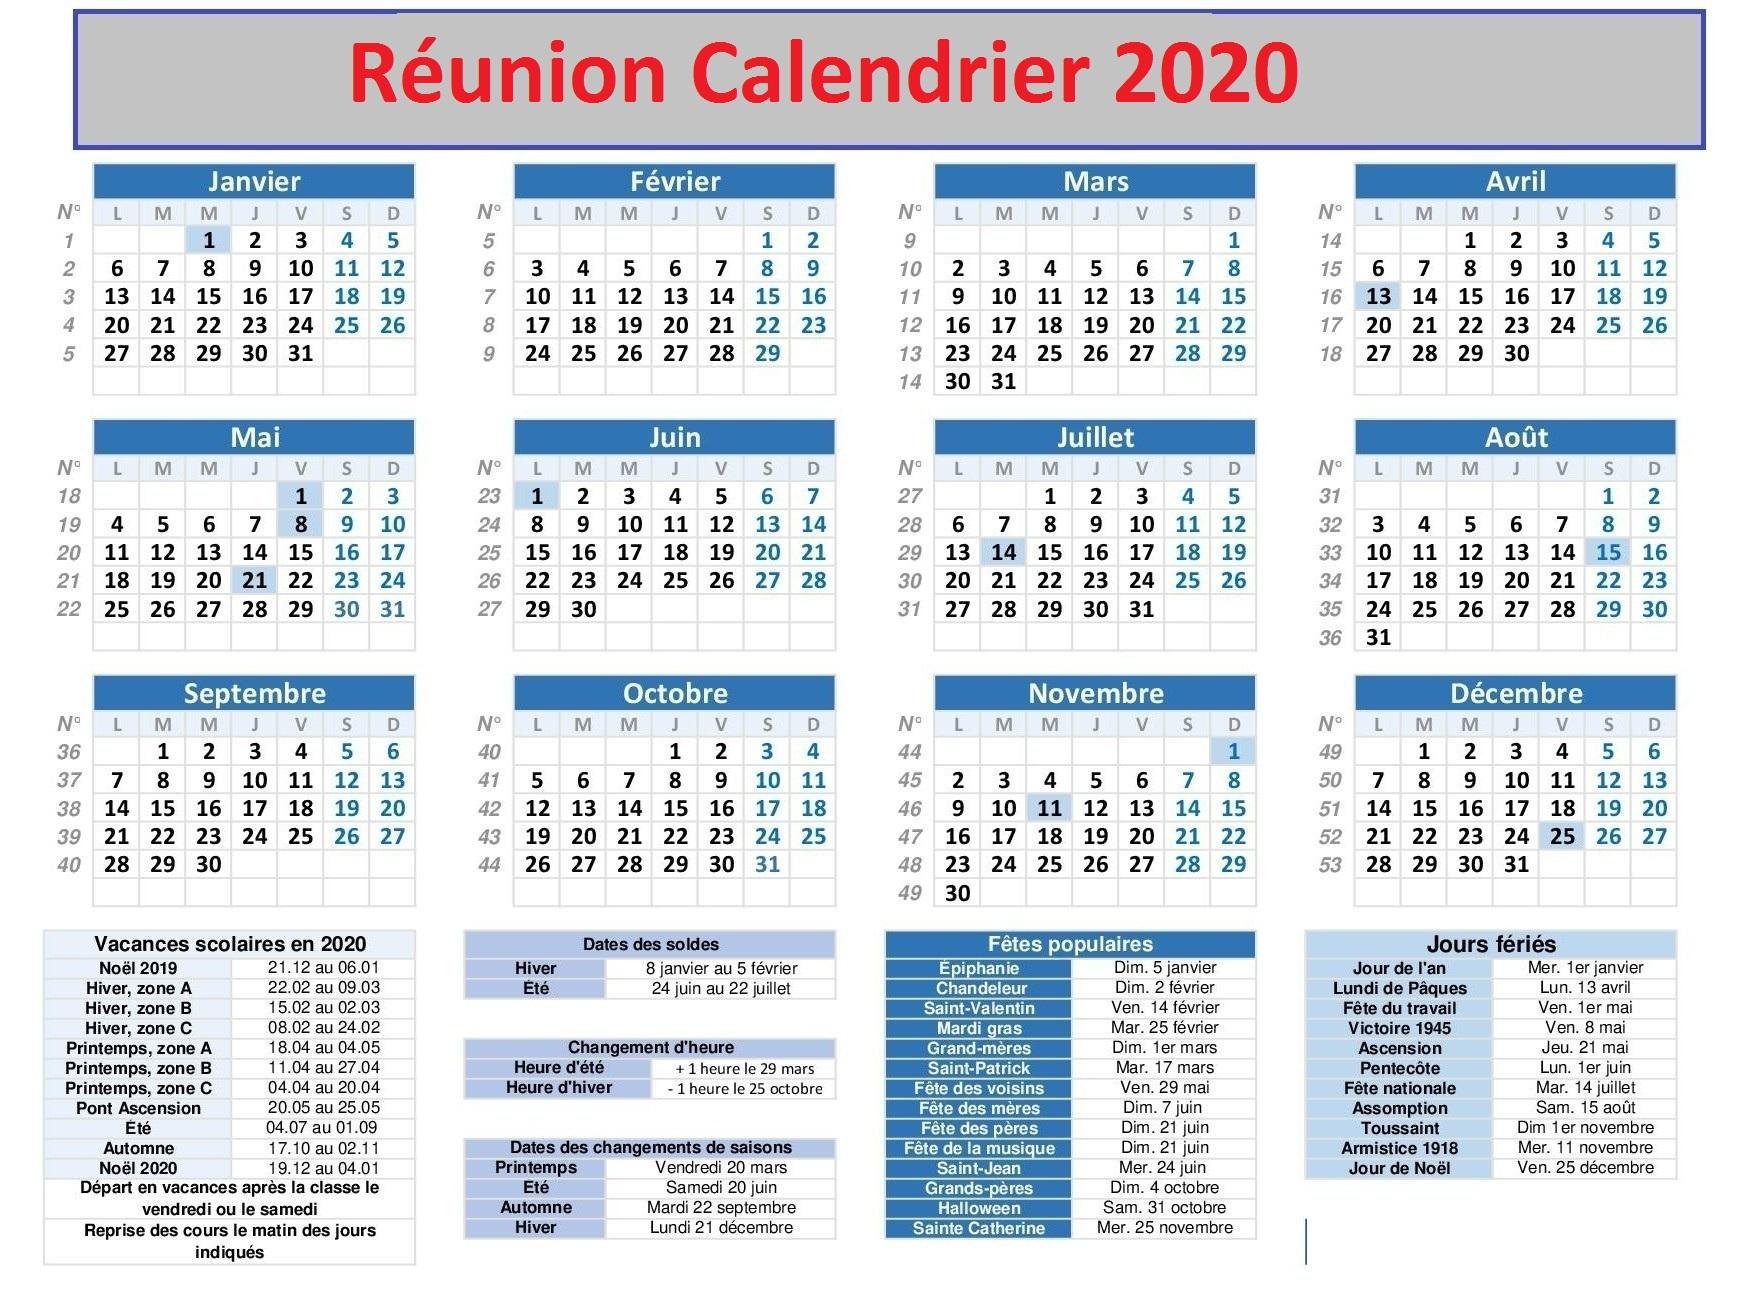 Calendrier Trail La Réunion 2020